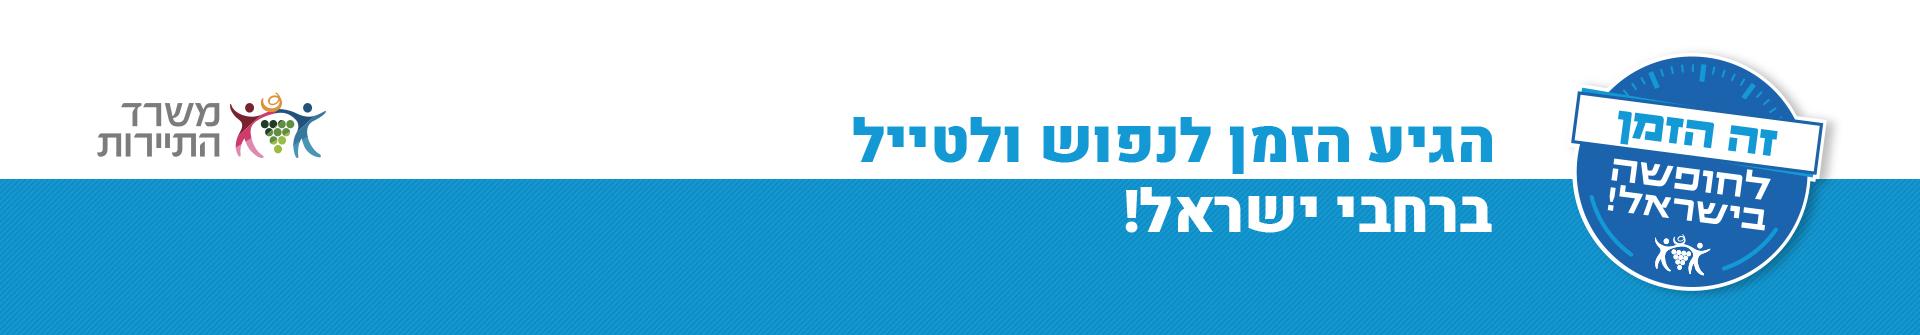 הגיע הזמן לנפוש ולטייל ברחבי ישראל